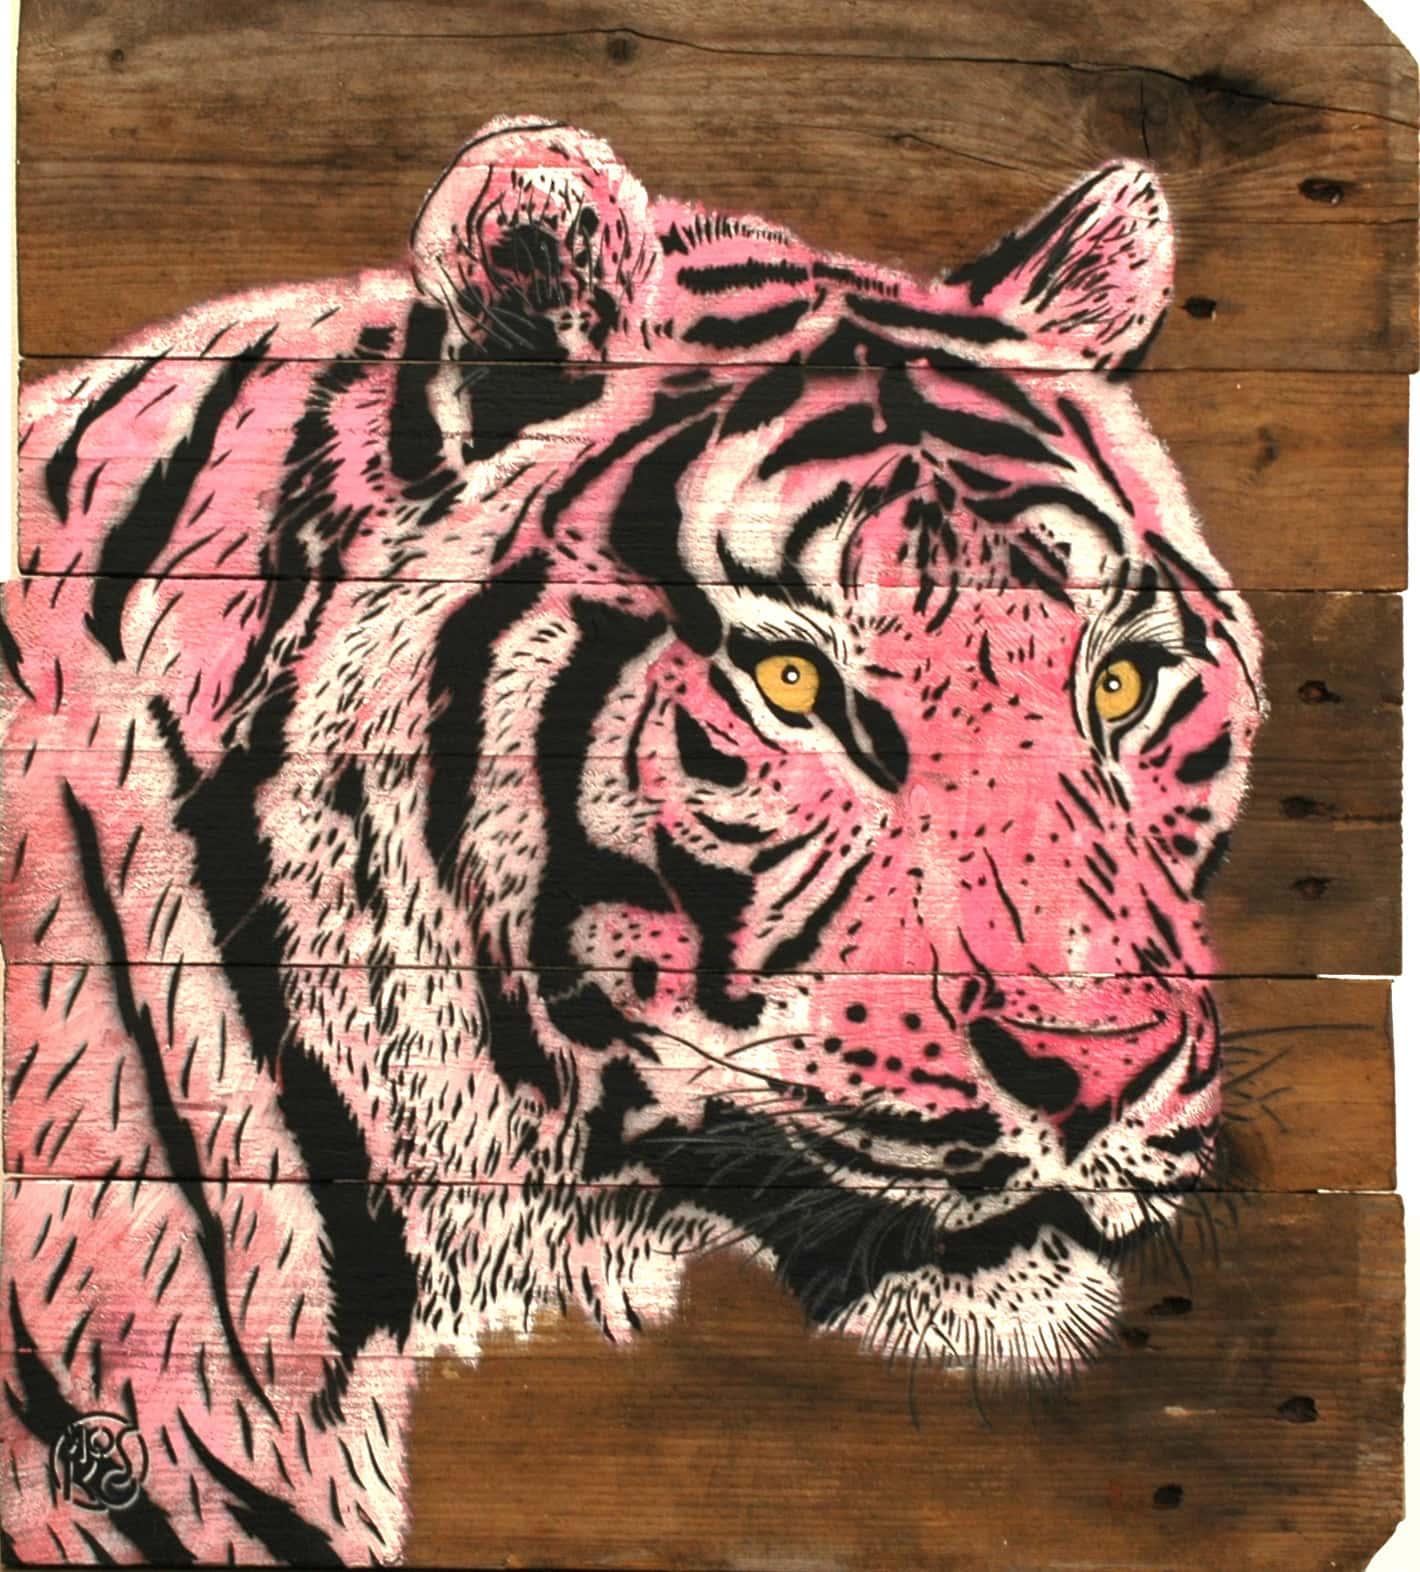 Galerie Art Jingle MOSKO Tigre Tête Rose 56 x 50 cm 2021